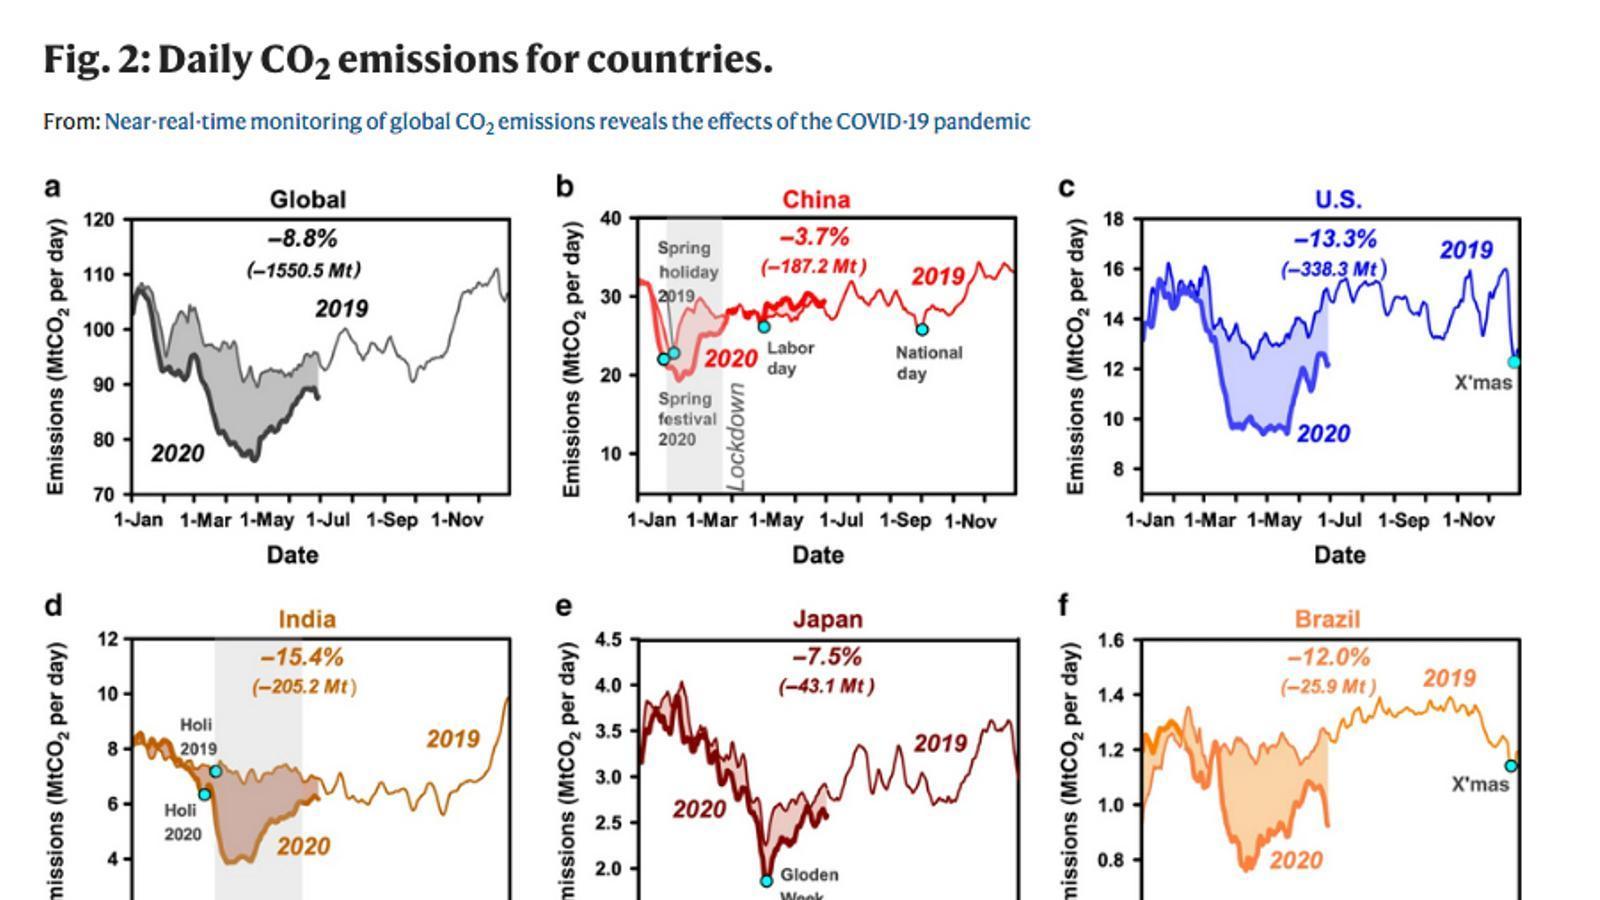 Evolució diària de les emissions de CO2 per països durant els últims mesos